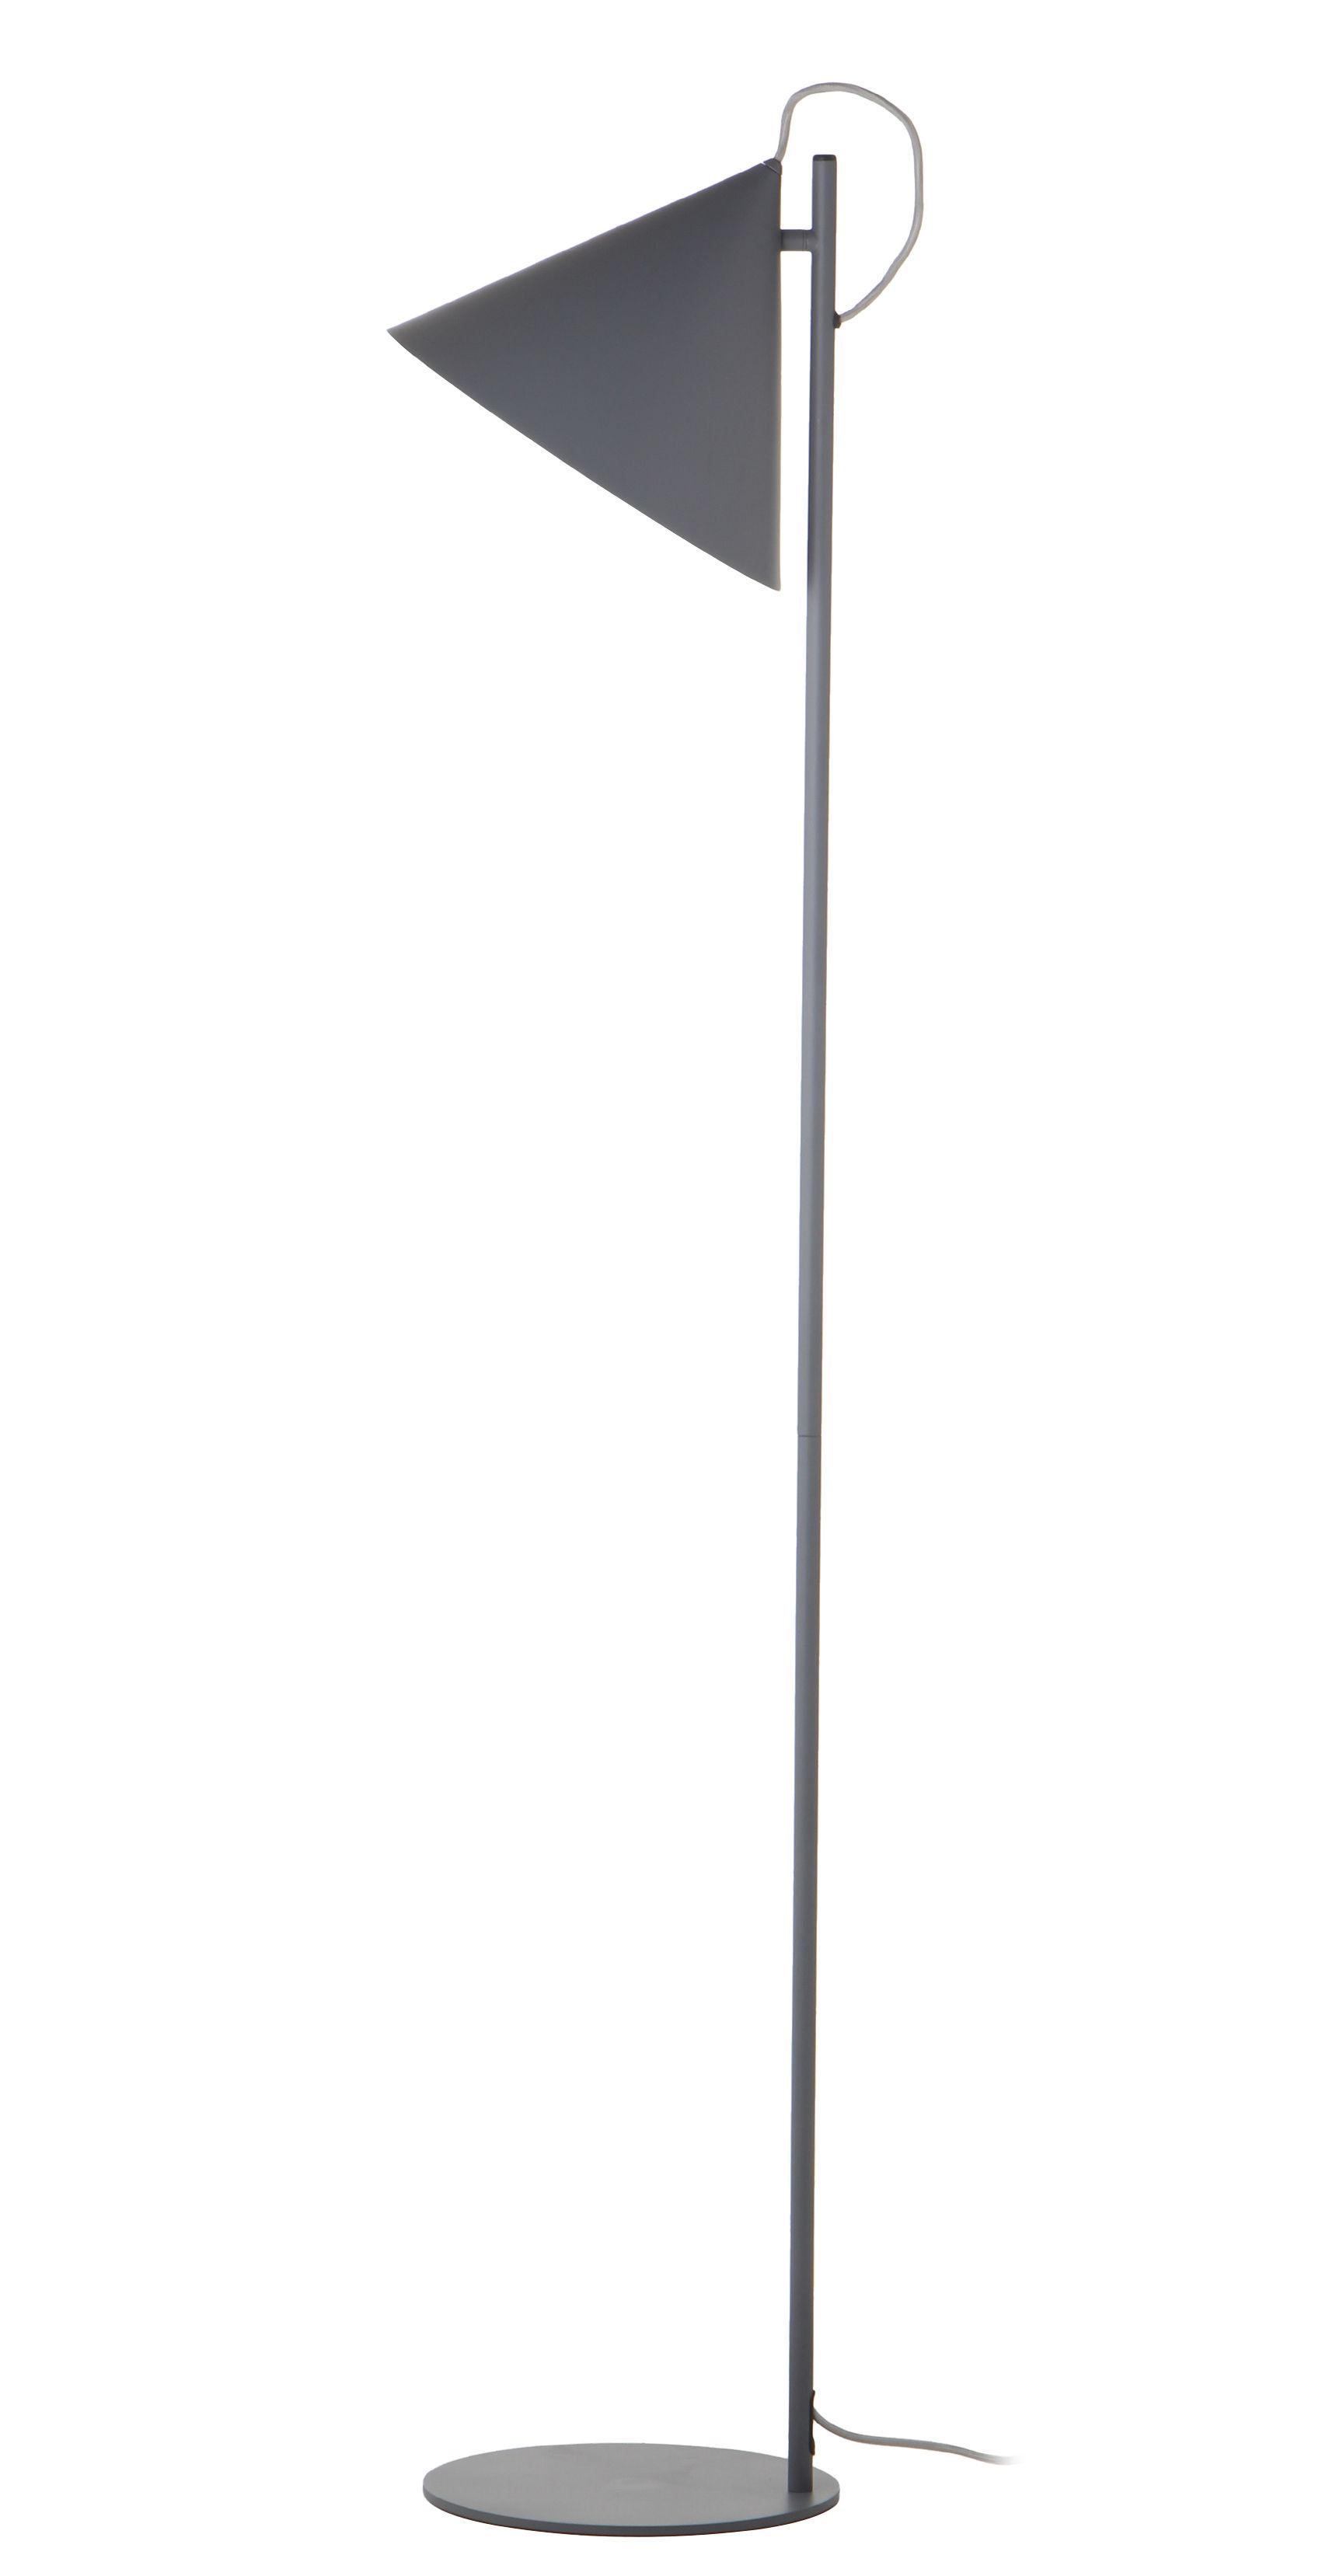 Leuchten - Stehleuchten - Benjamin Stehleuchte / H 152 cm - Frandsen - Grau, matt - bemaltes Metall